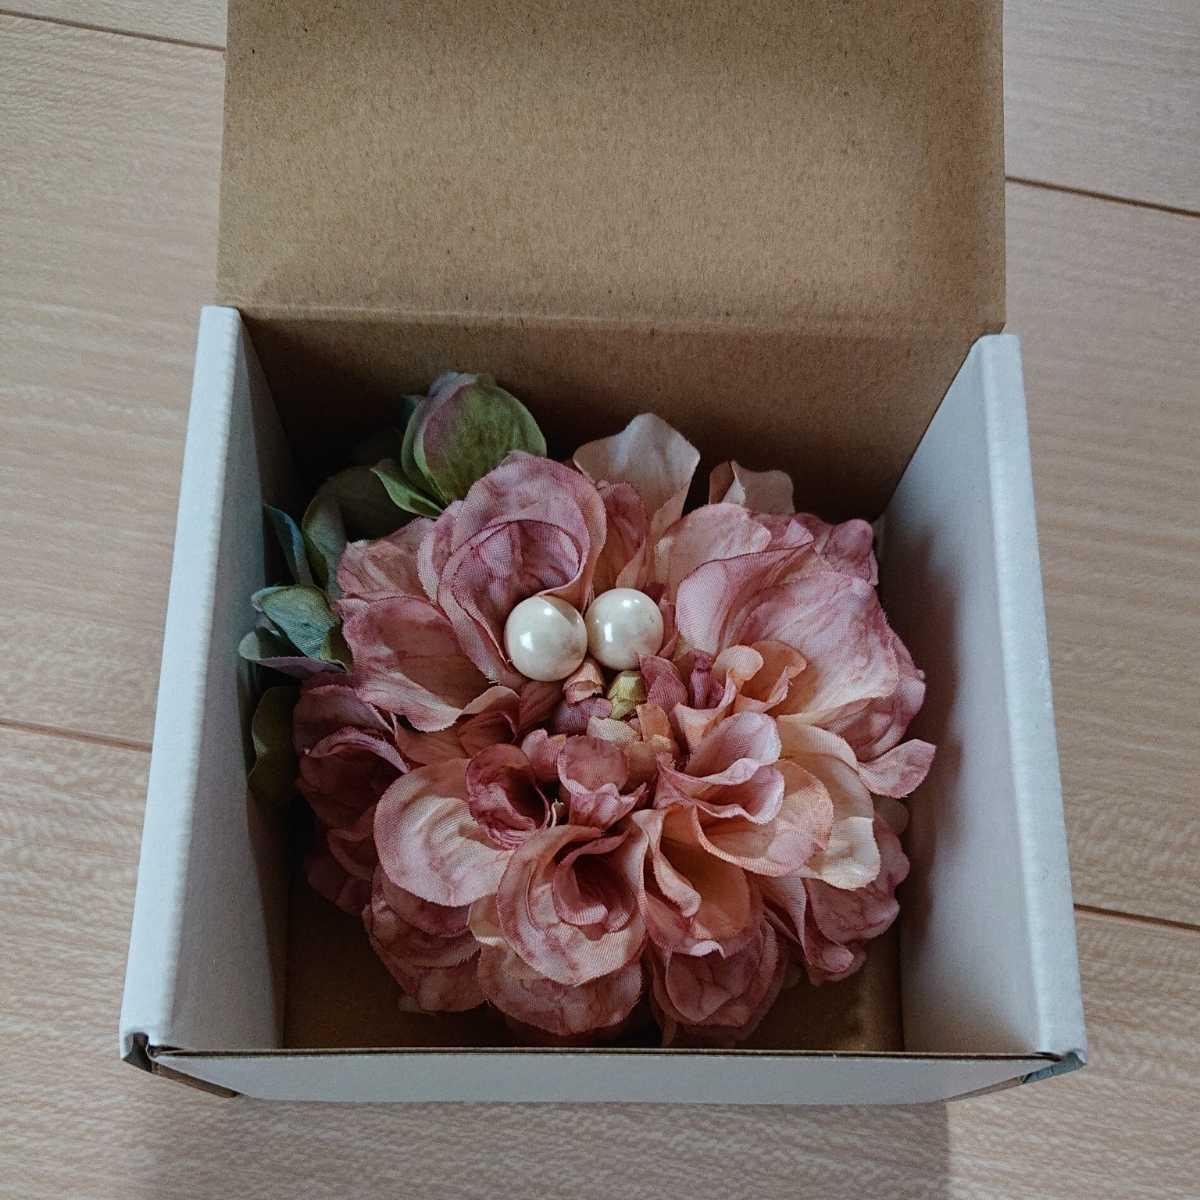 新品 コサージュ 淡いピンク系 卒業式 卒園式 入学式 入園式 お祝い アクセサリー 結婚式 発表会_画像1